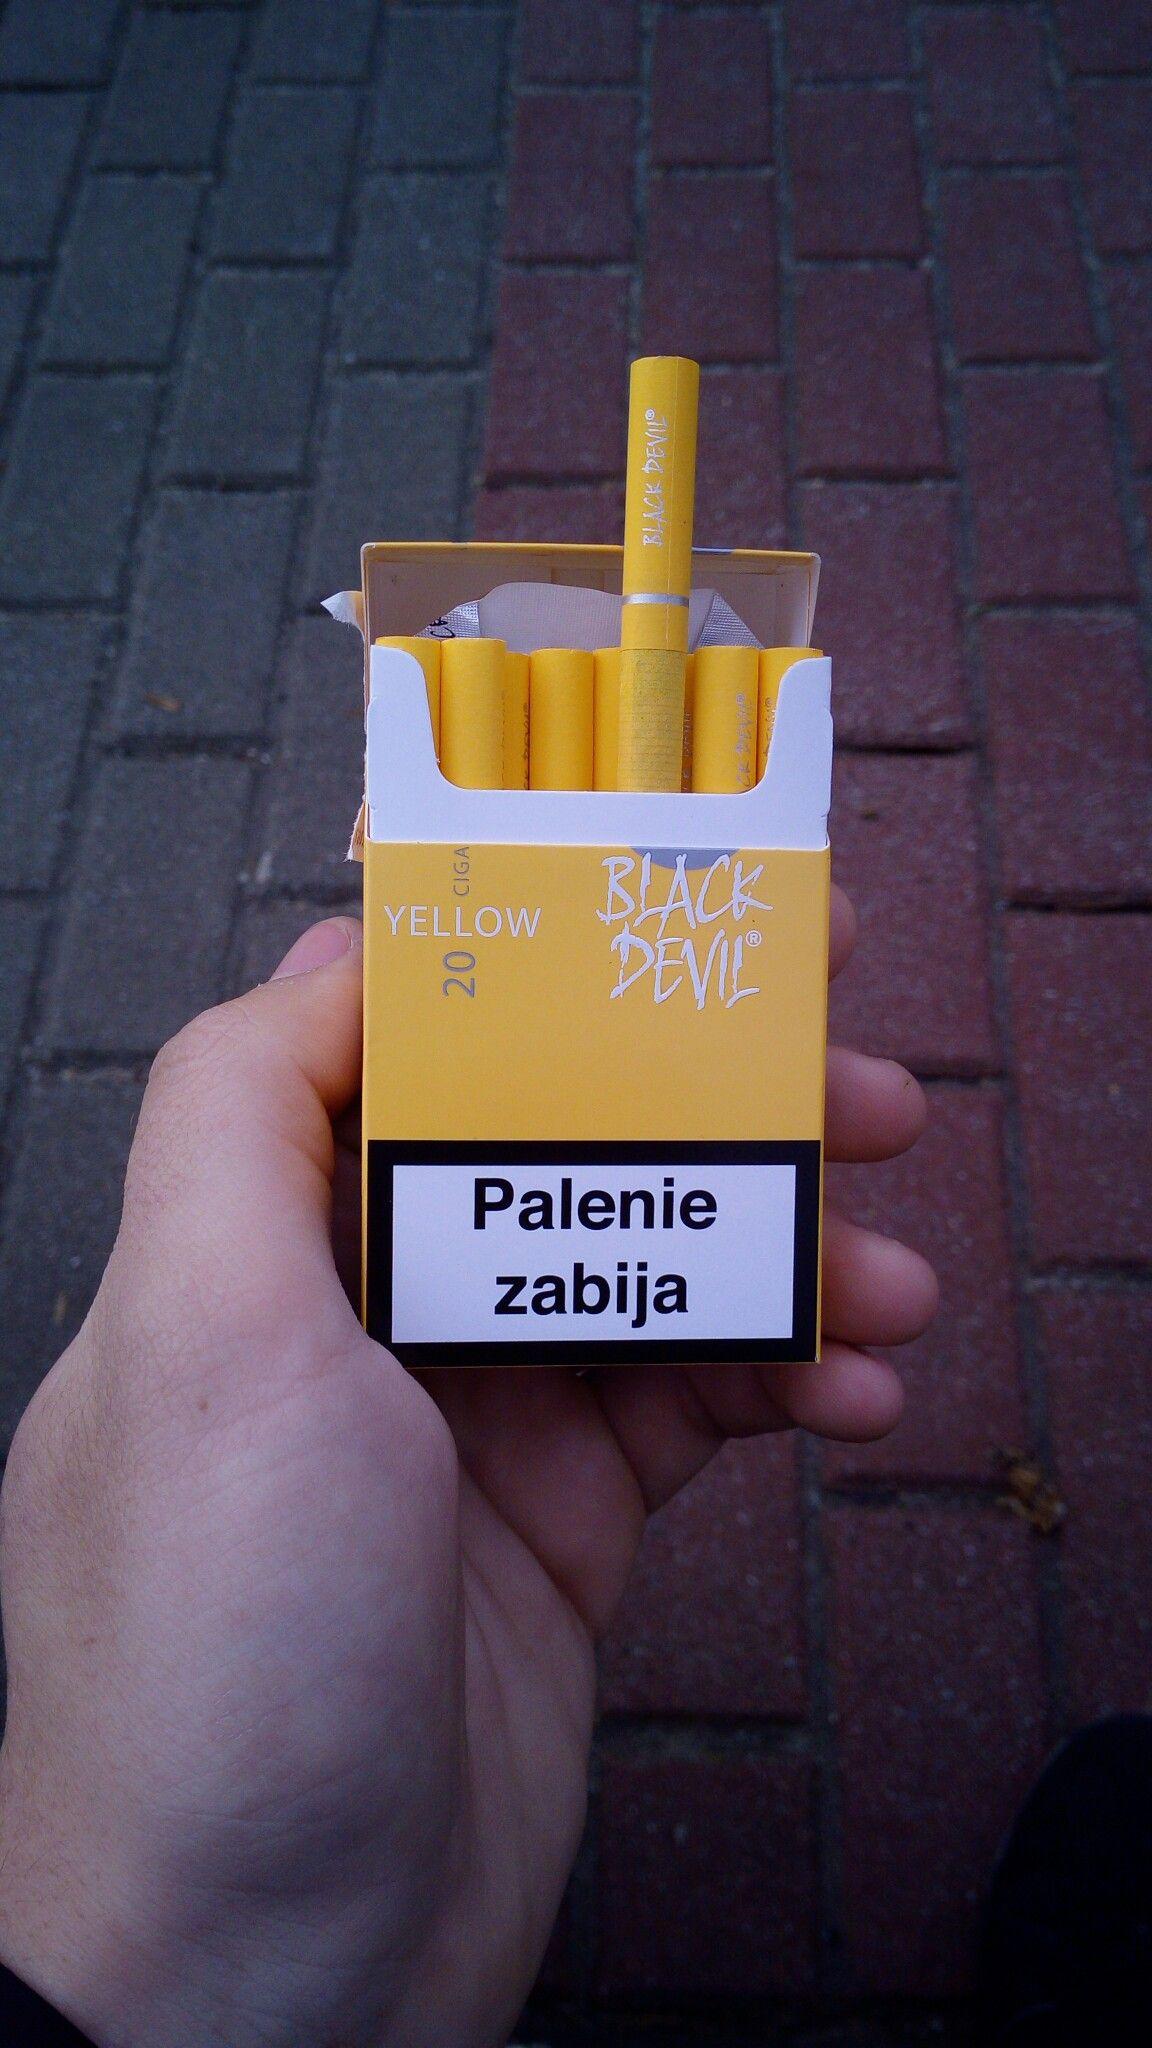 Carton cigarettes Marlboro cost New Jersey